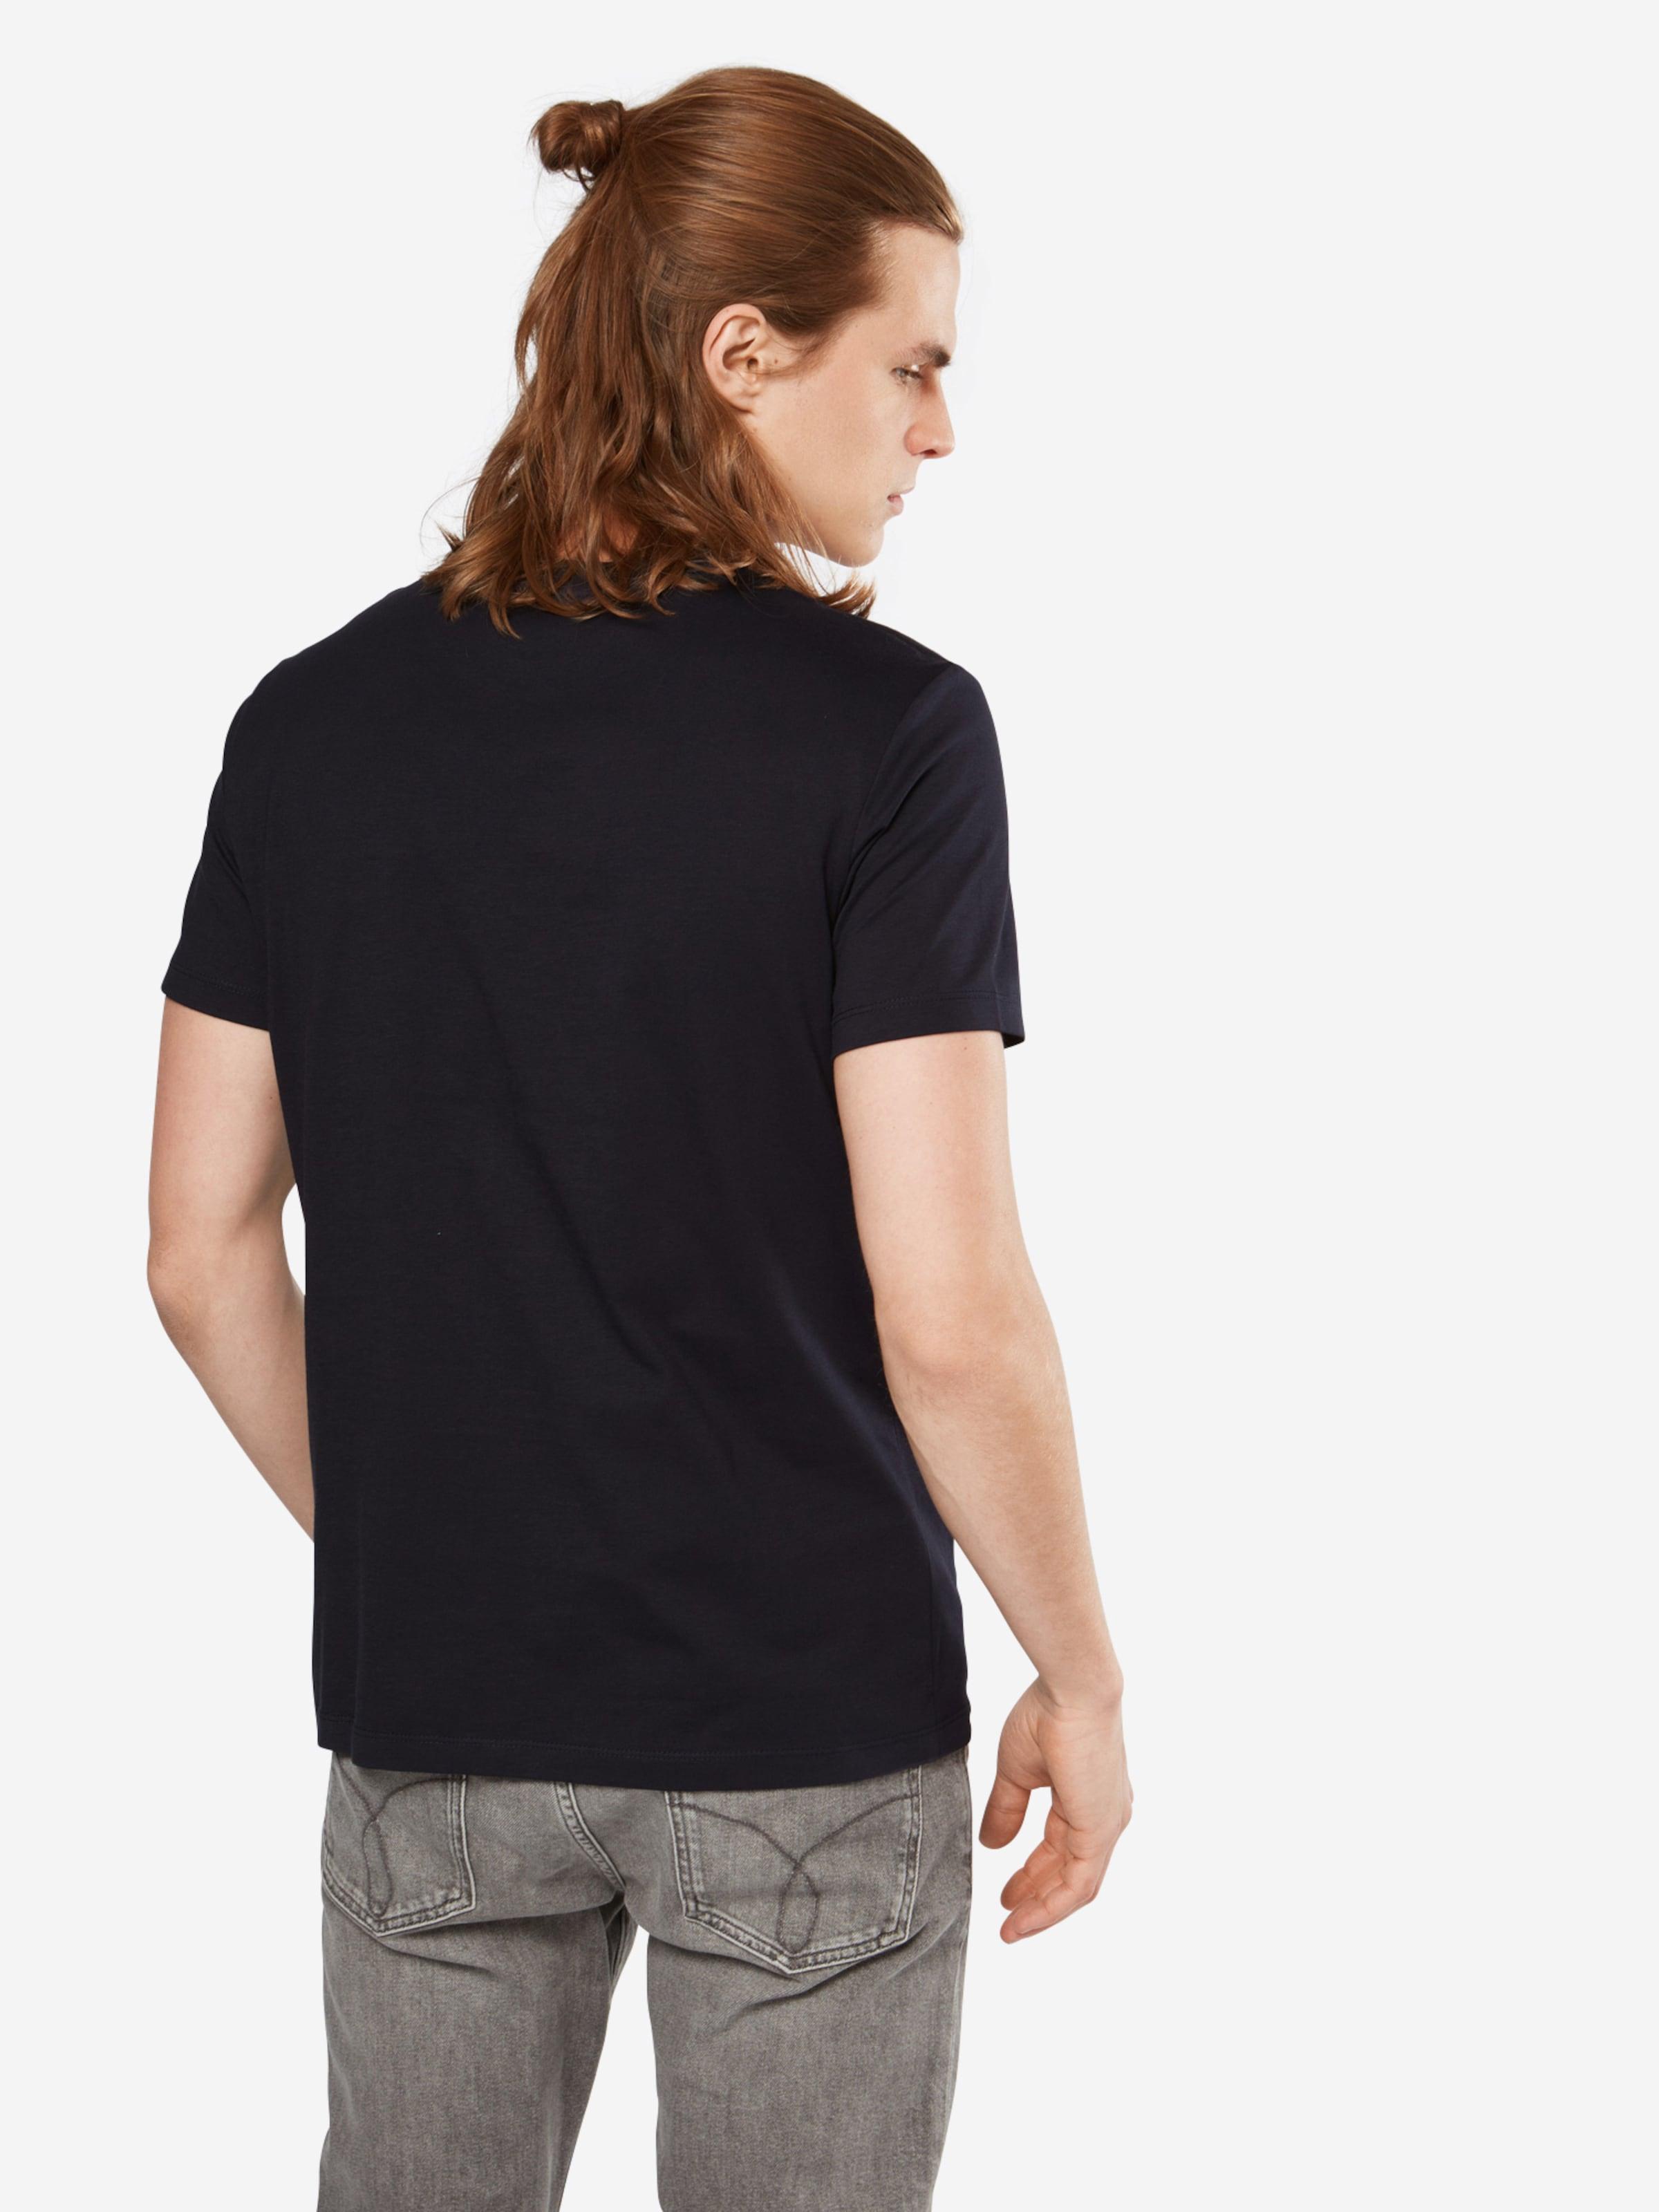 Steckdose Neu Günstige Spielraum Store Marc O'Polo Shirt Kaufen Billige Angebote Verkauf Beste Geschäft Zu Erhalten n2TLcKP